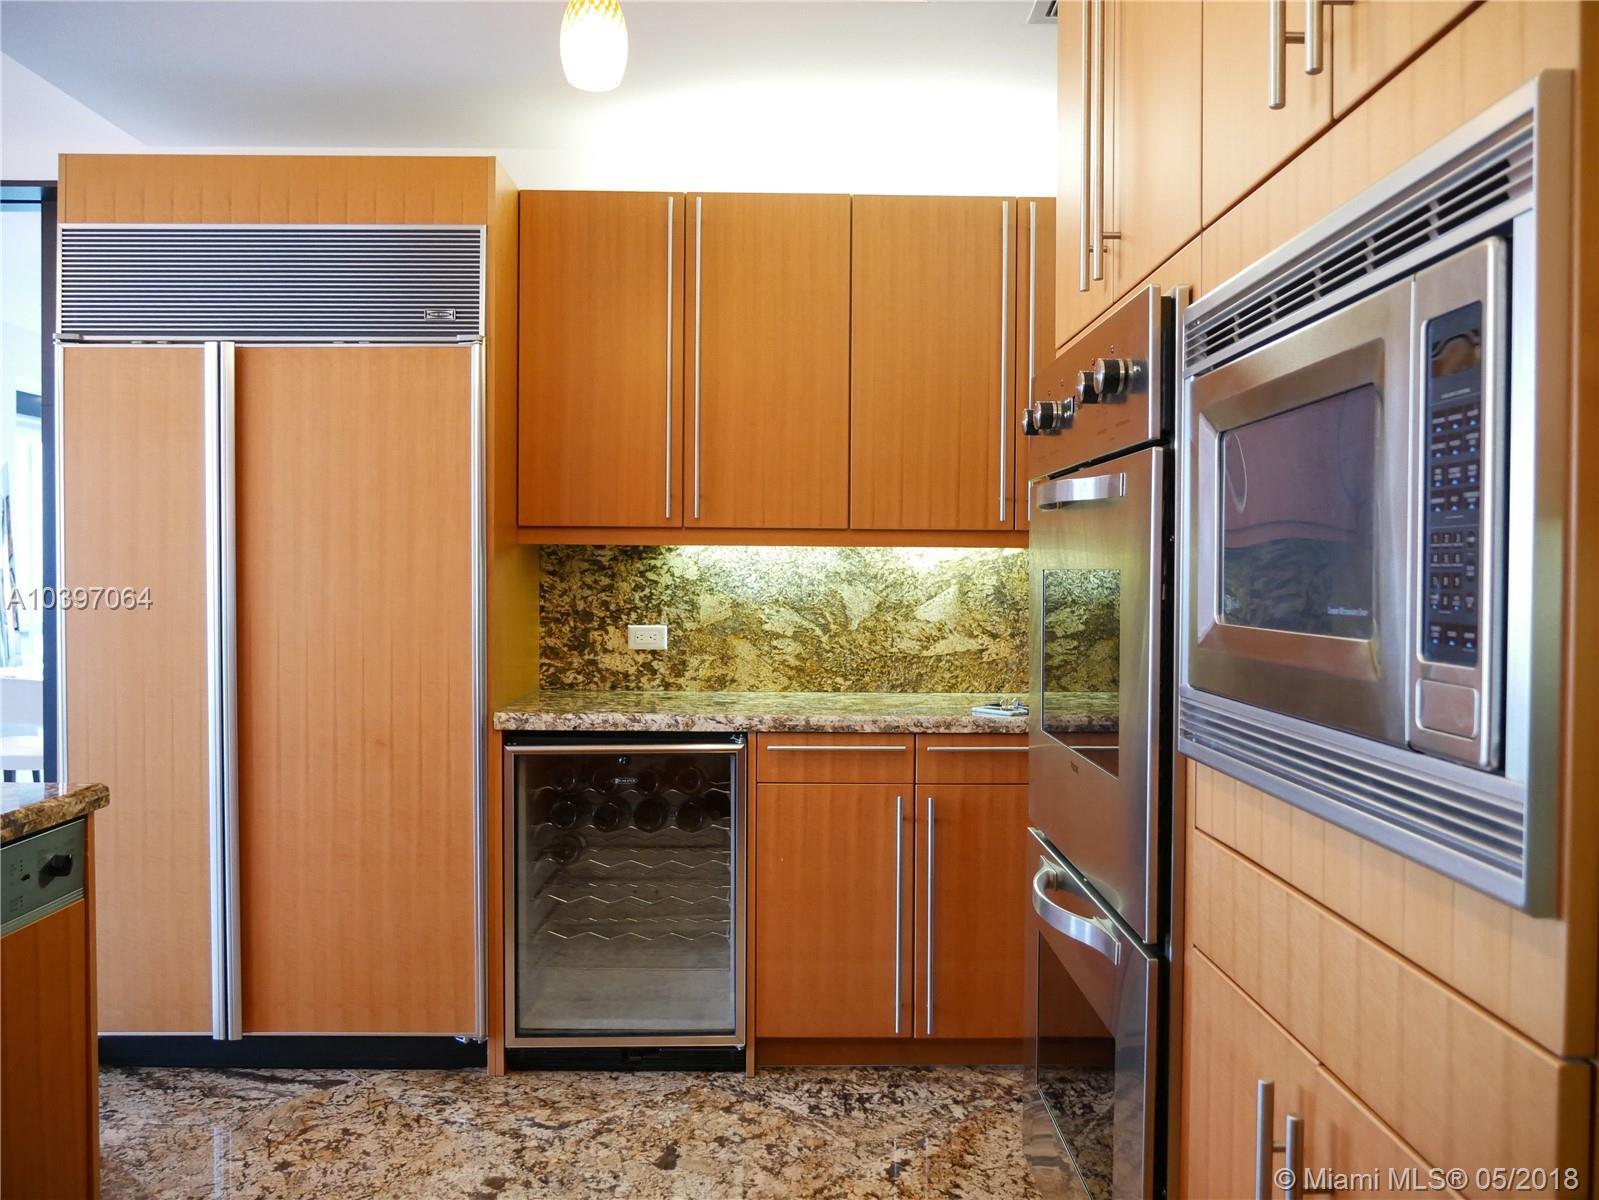 1425 Brickell ave-45E miami-fl-33131-a10397064-Pic20